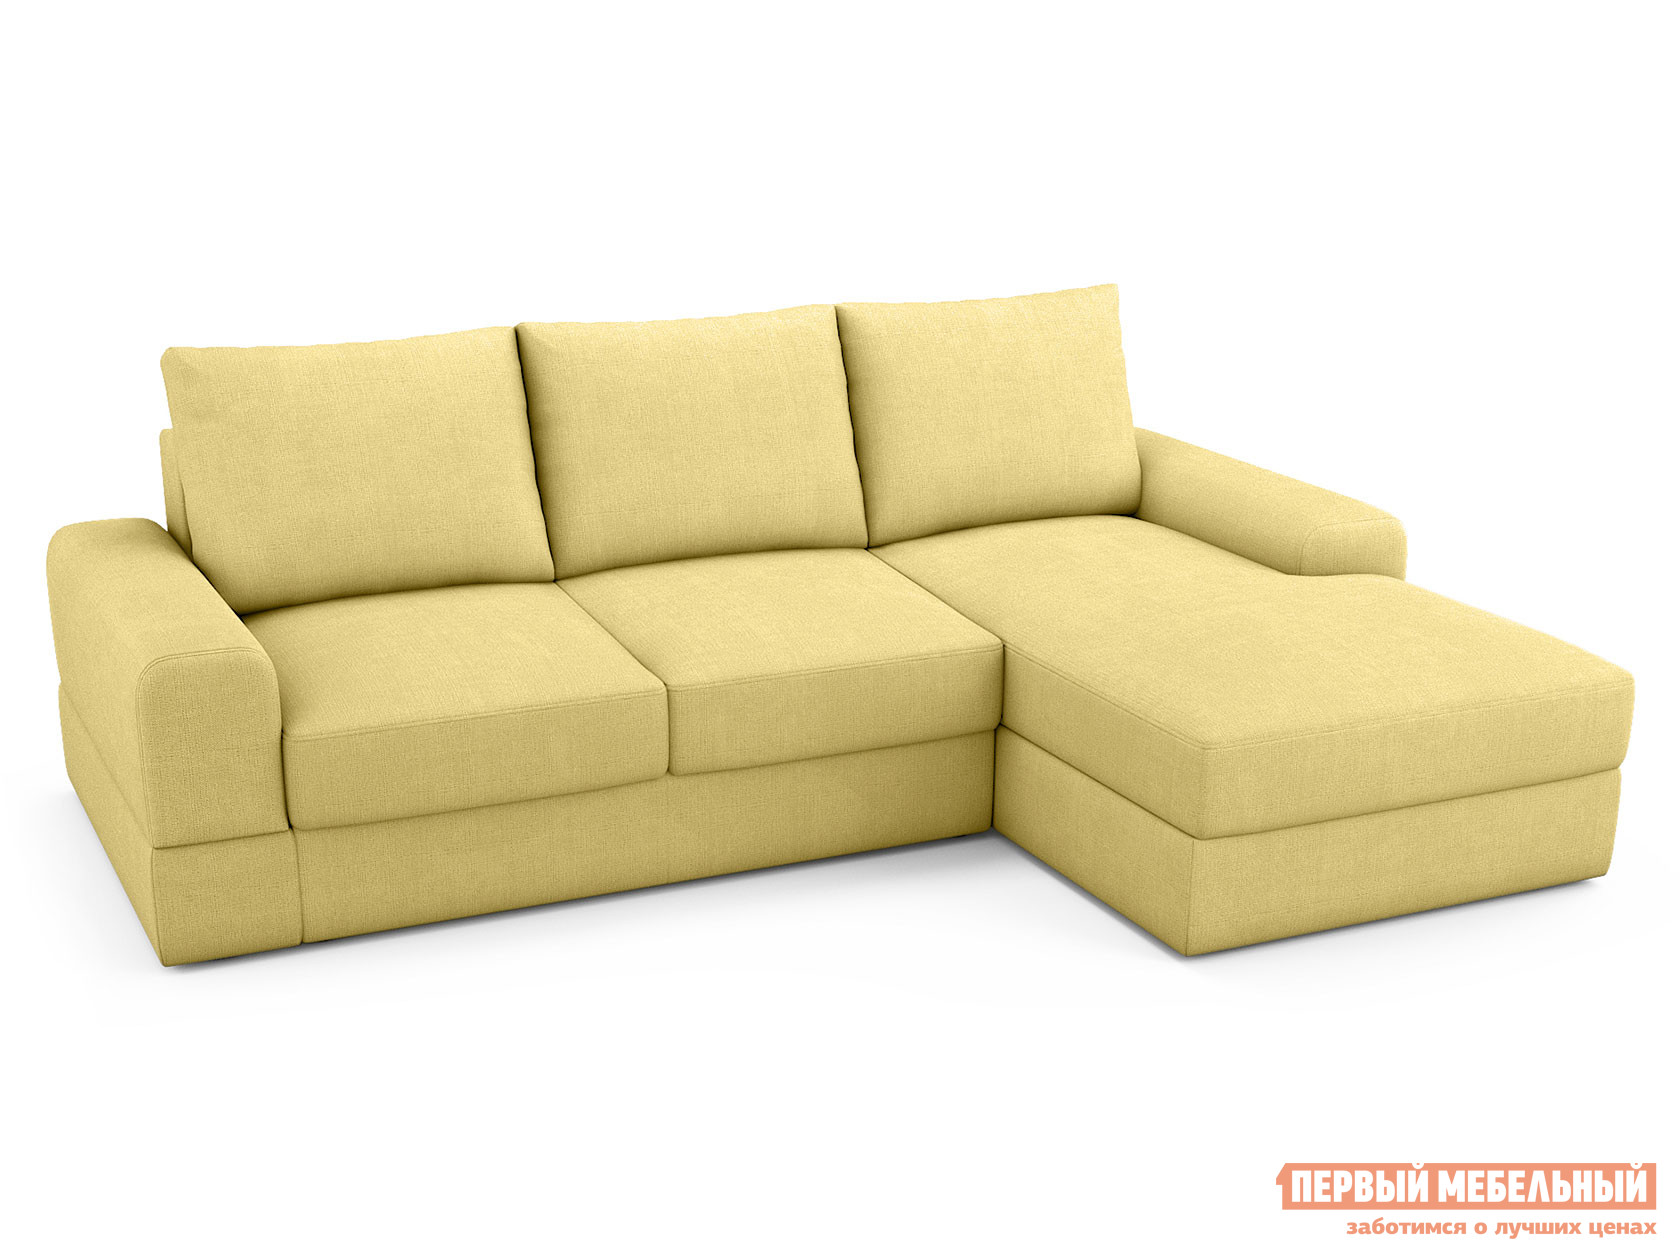 Угловой диван Первый Мебельный Угловой диван Эдинбург У